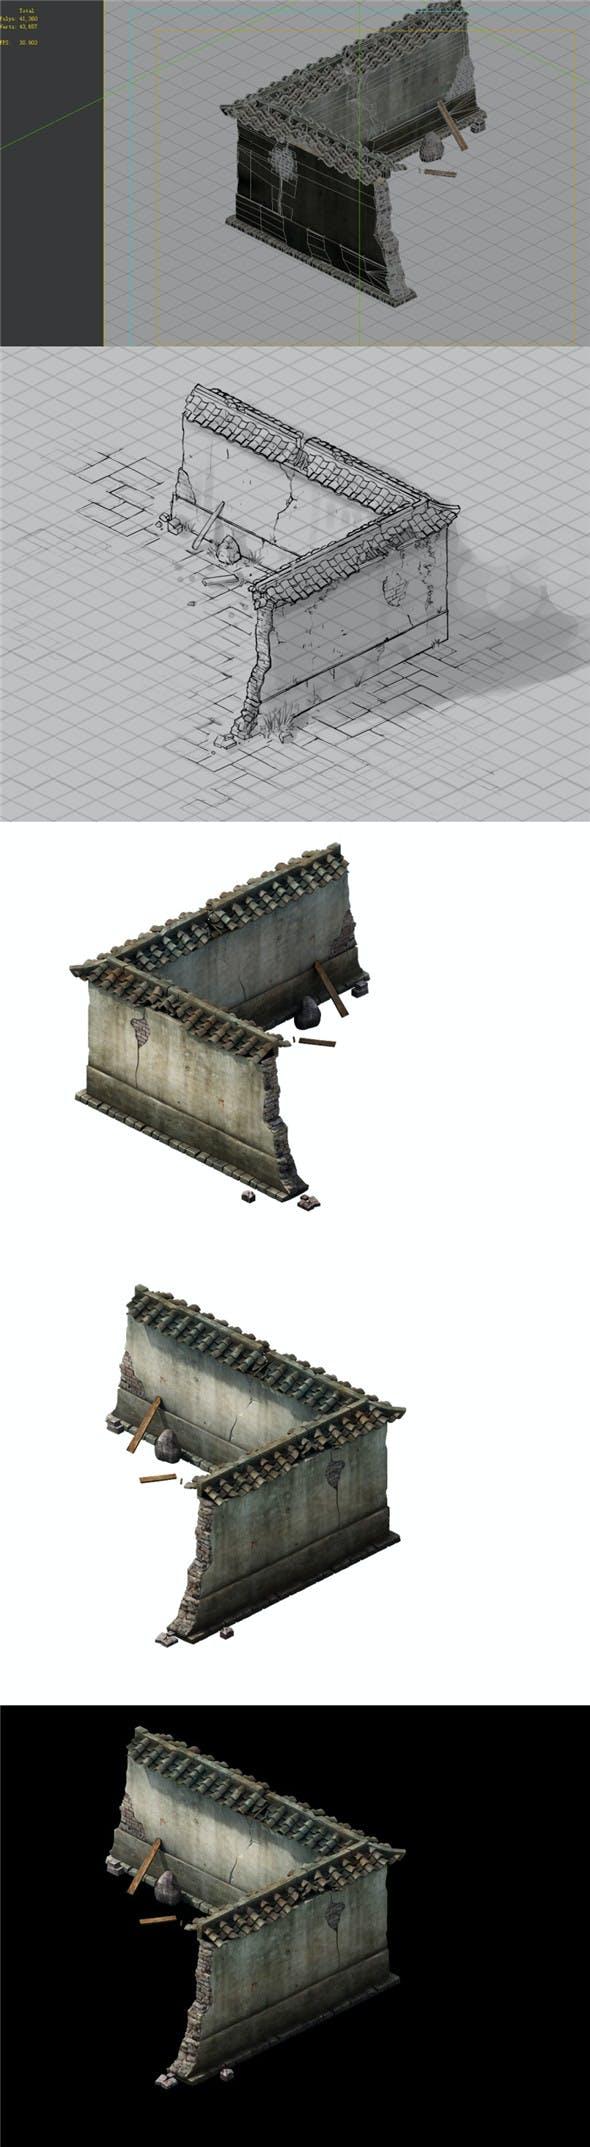 Game Model - prairie scene - ruins of broken walls 01 - 3DOcean Item for Sale